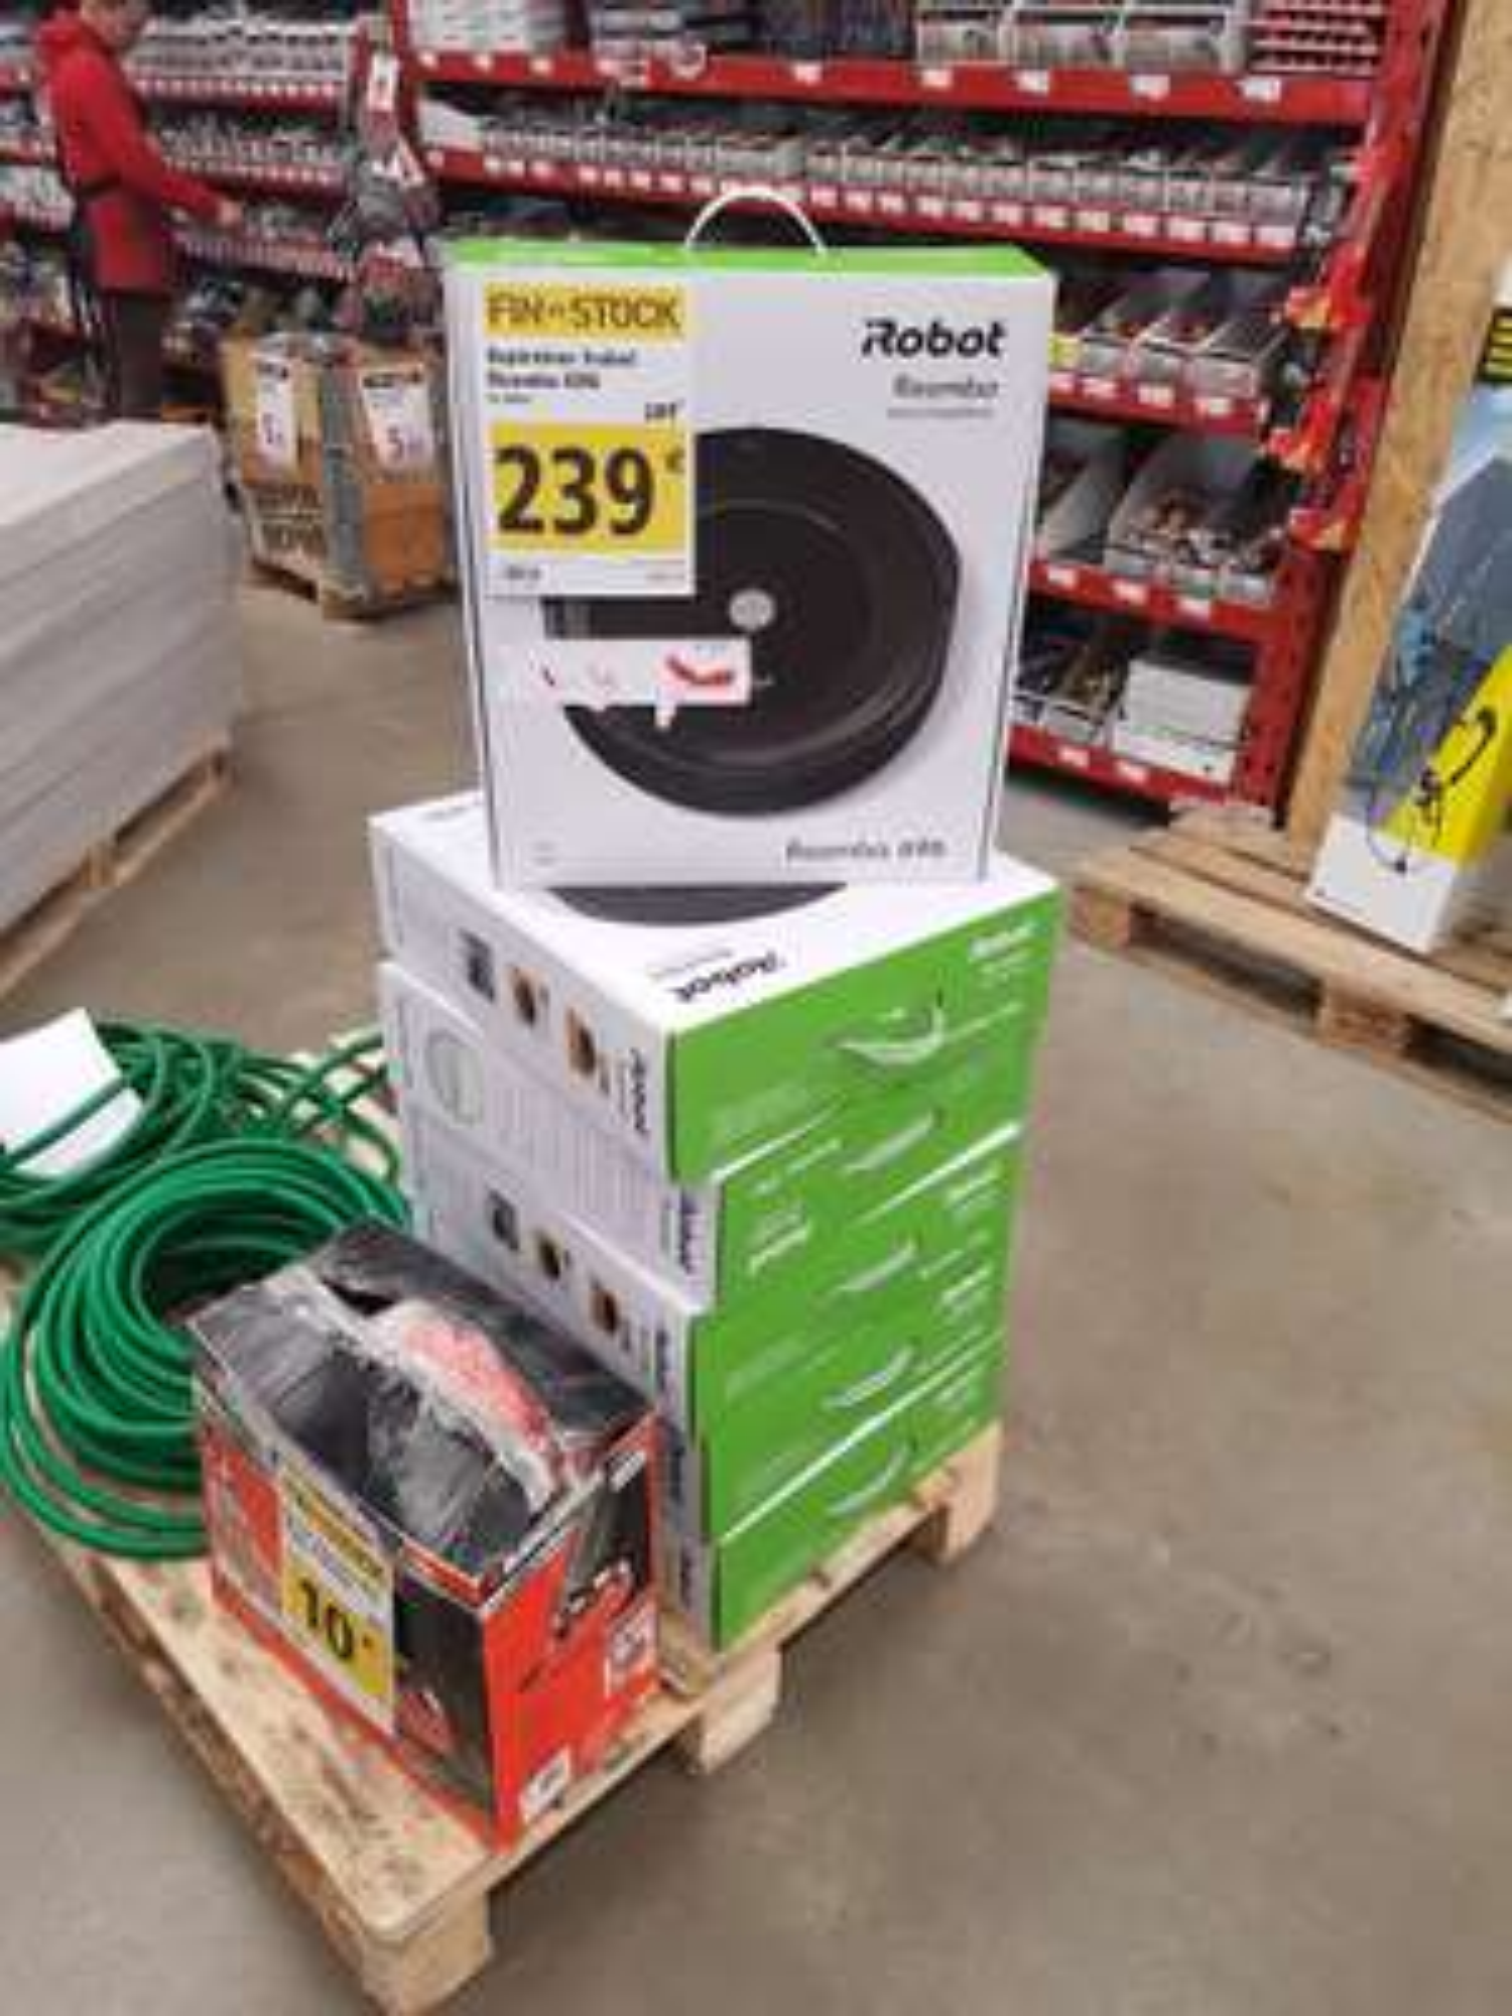 Aspirateur robot Roomba 696 - Brico Dépôt Saint-Witz (95)